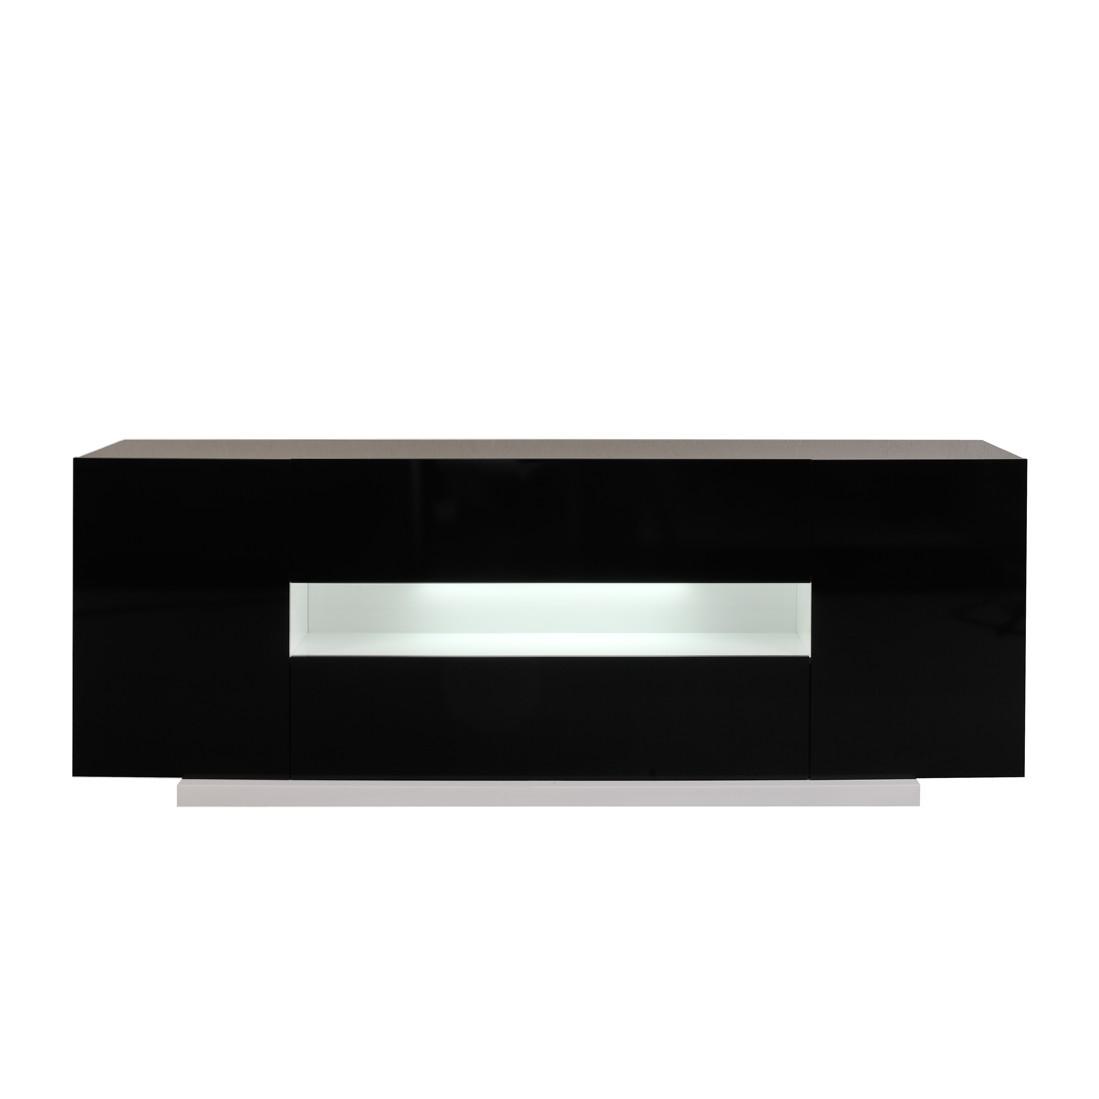 TV-Kommode Oceano - Weiß/Schwarz Hochglanz - mit Nische (Ausführung: Ohne Beleuchtung)